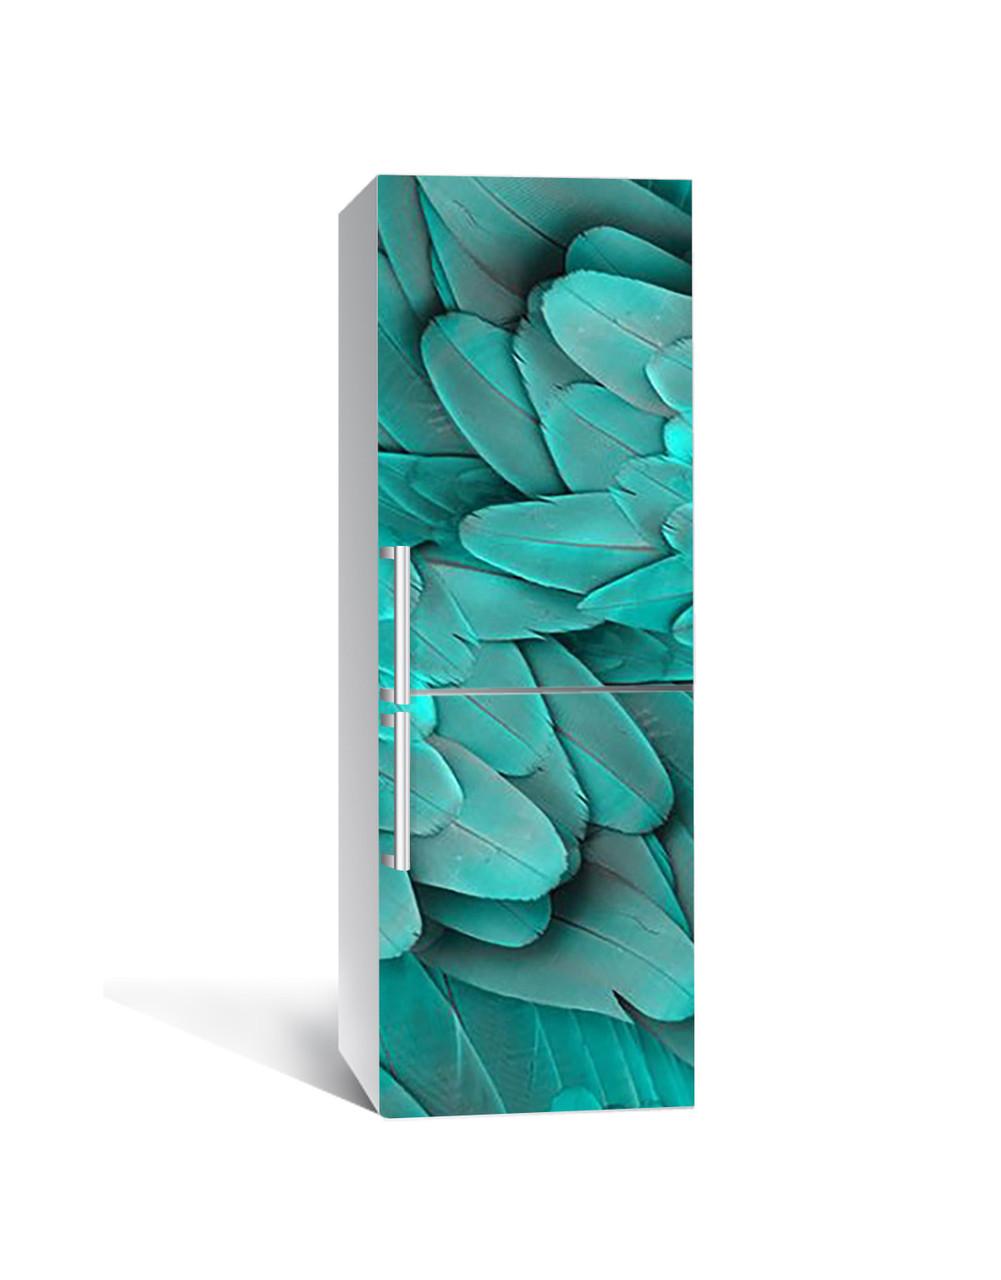 Наклейка на холодильник Бирюзовые Перья птицы (пленка ПВХ с ламинацией) 65*200см Текстуры Зелёный